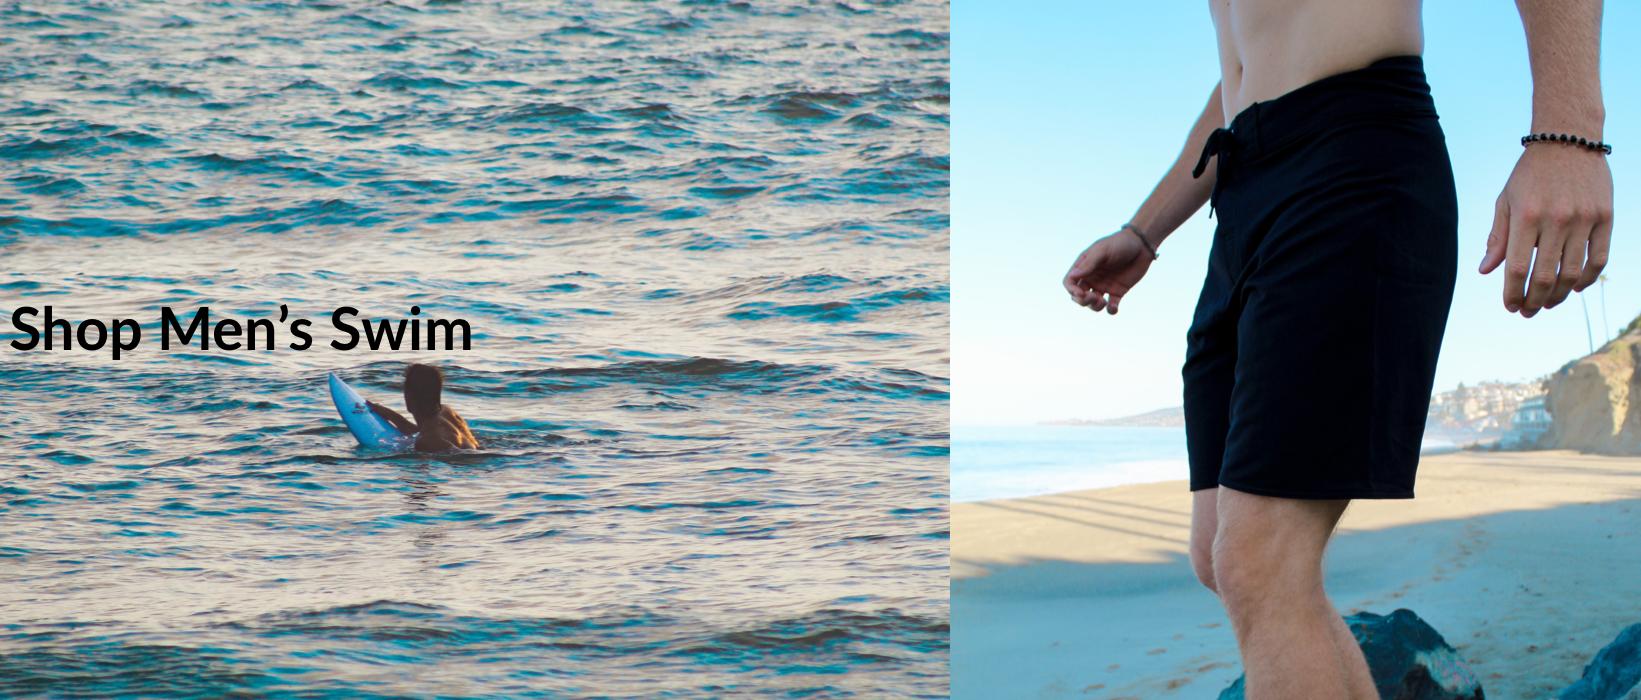 Shop Koloa Surf Company Men's Swim